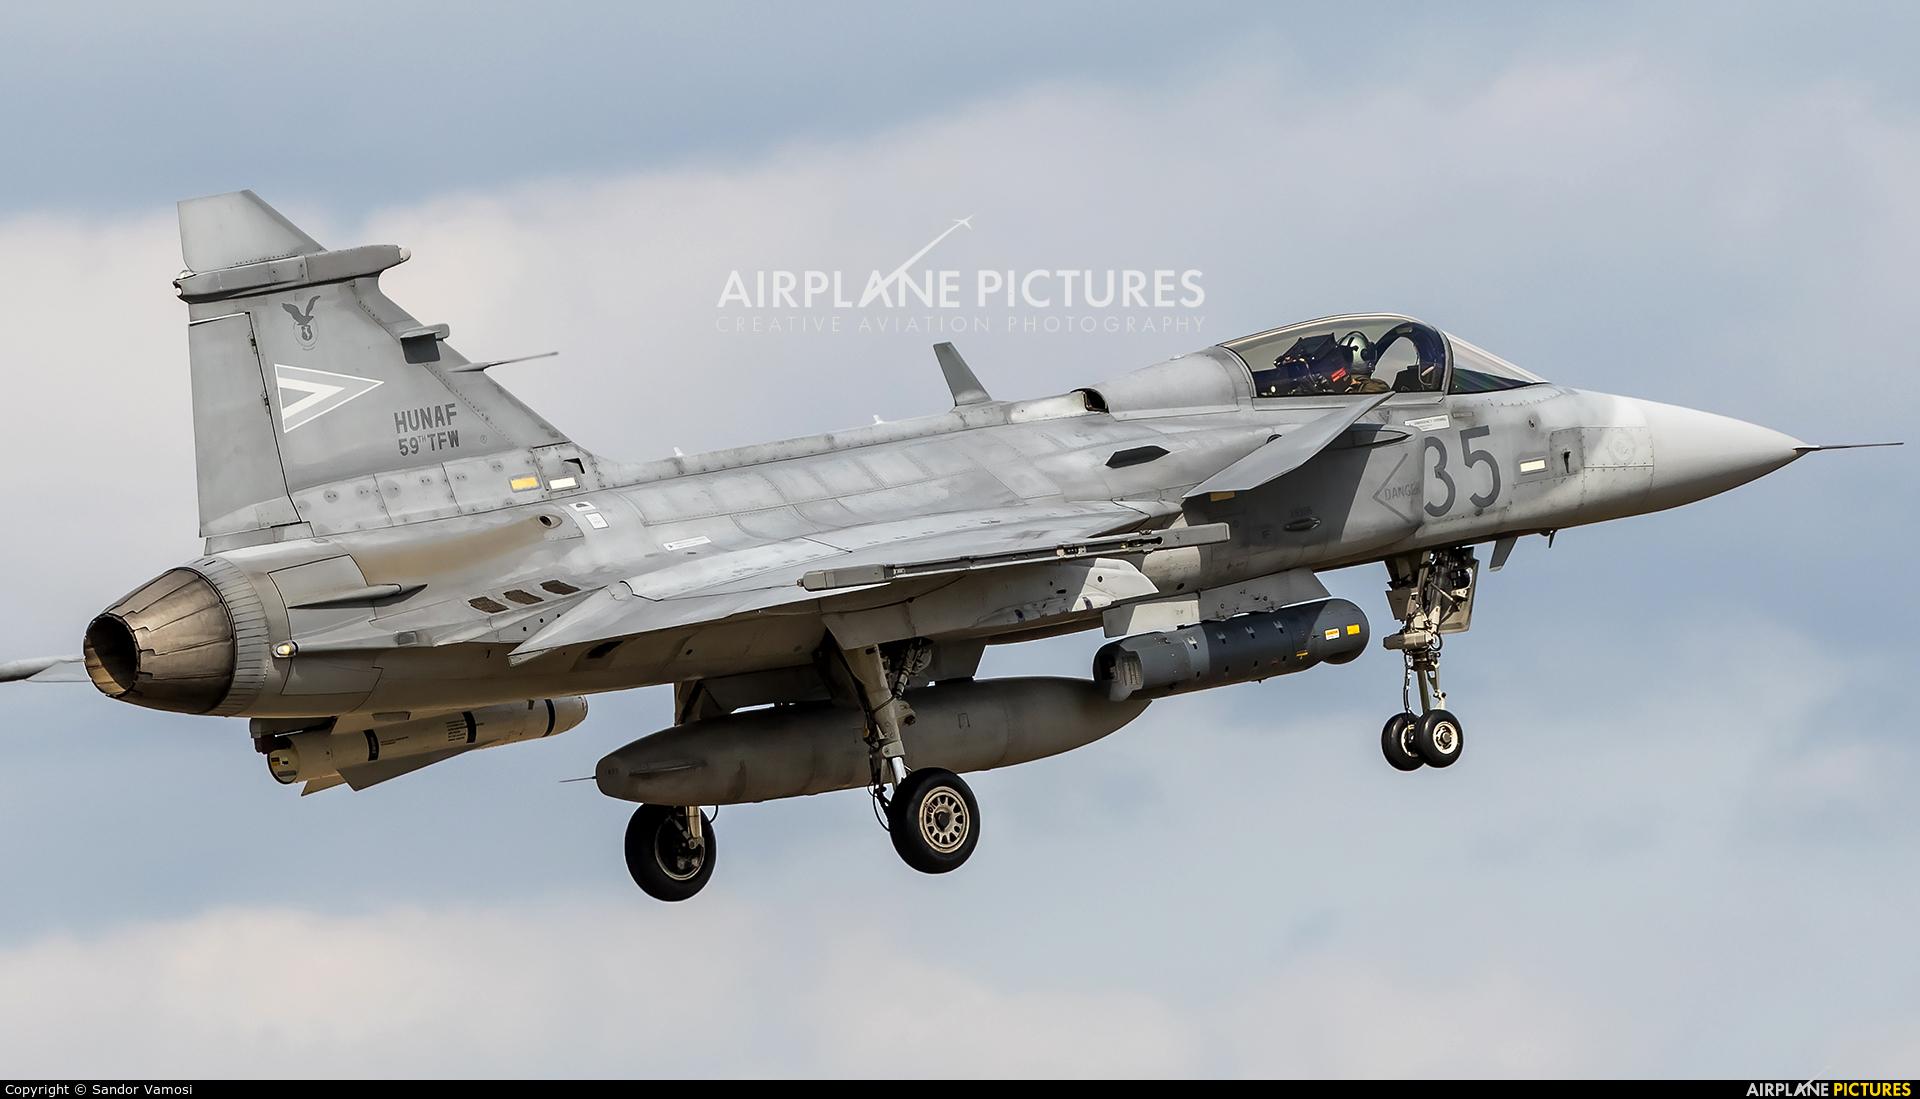 Hungary - Air Force 35 aircraft at Kecskemét